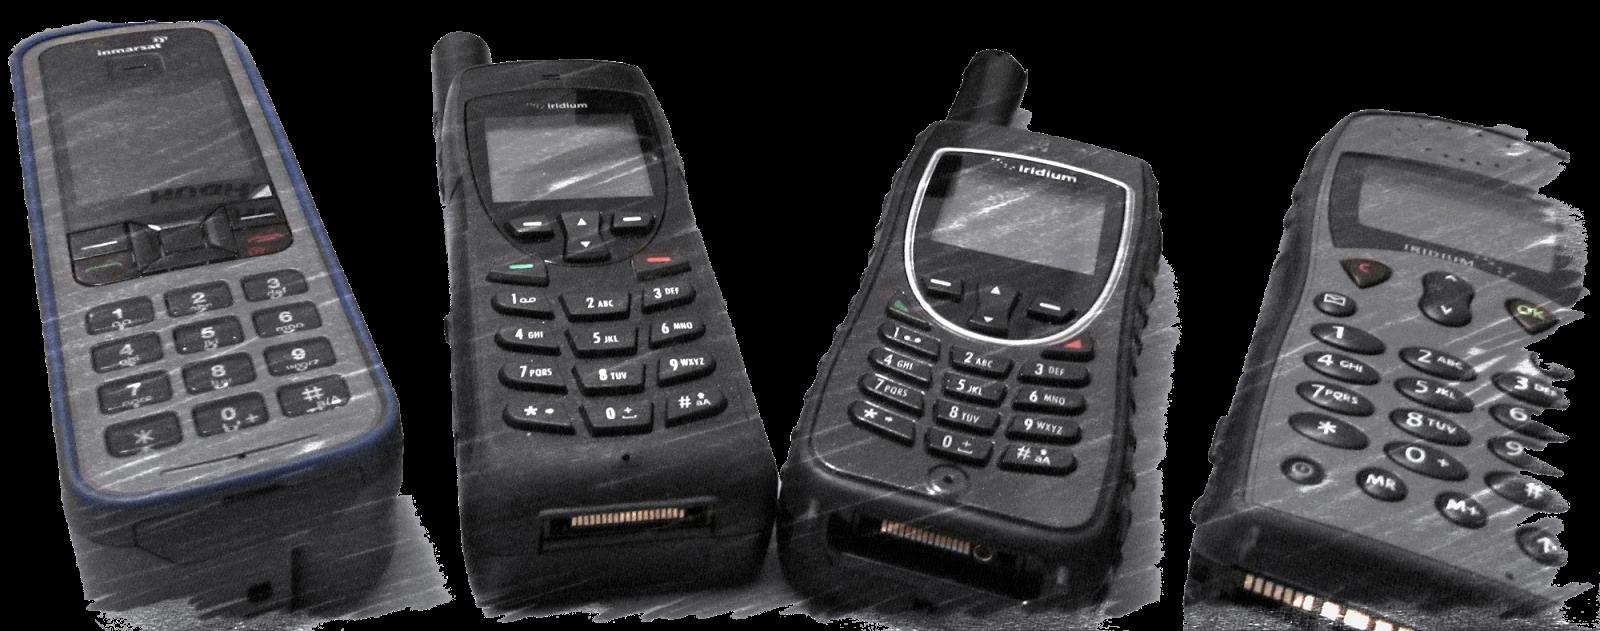 pro-satellite-phone-repairs-and-bgan-satellite-internet-modem-repair